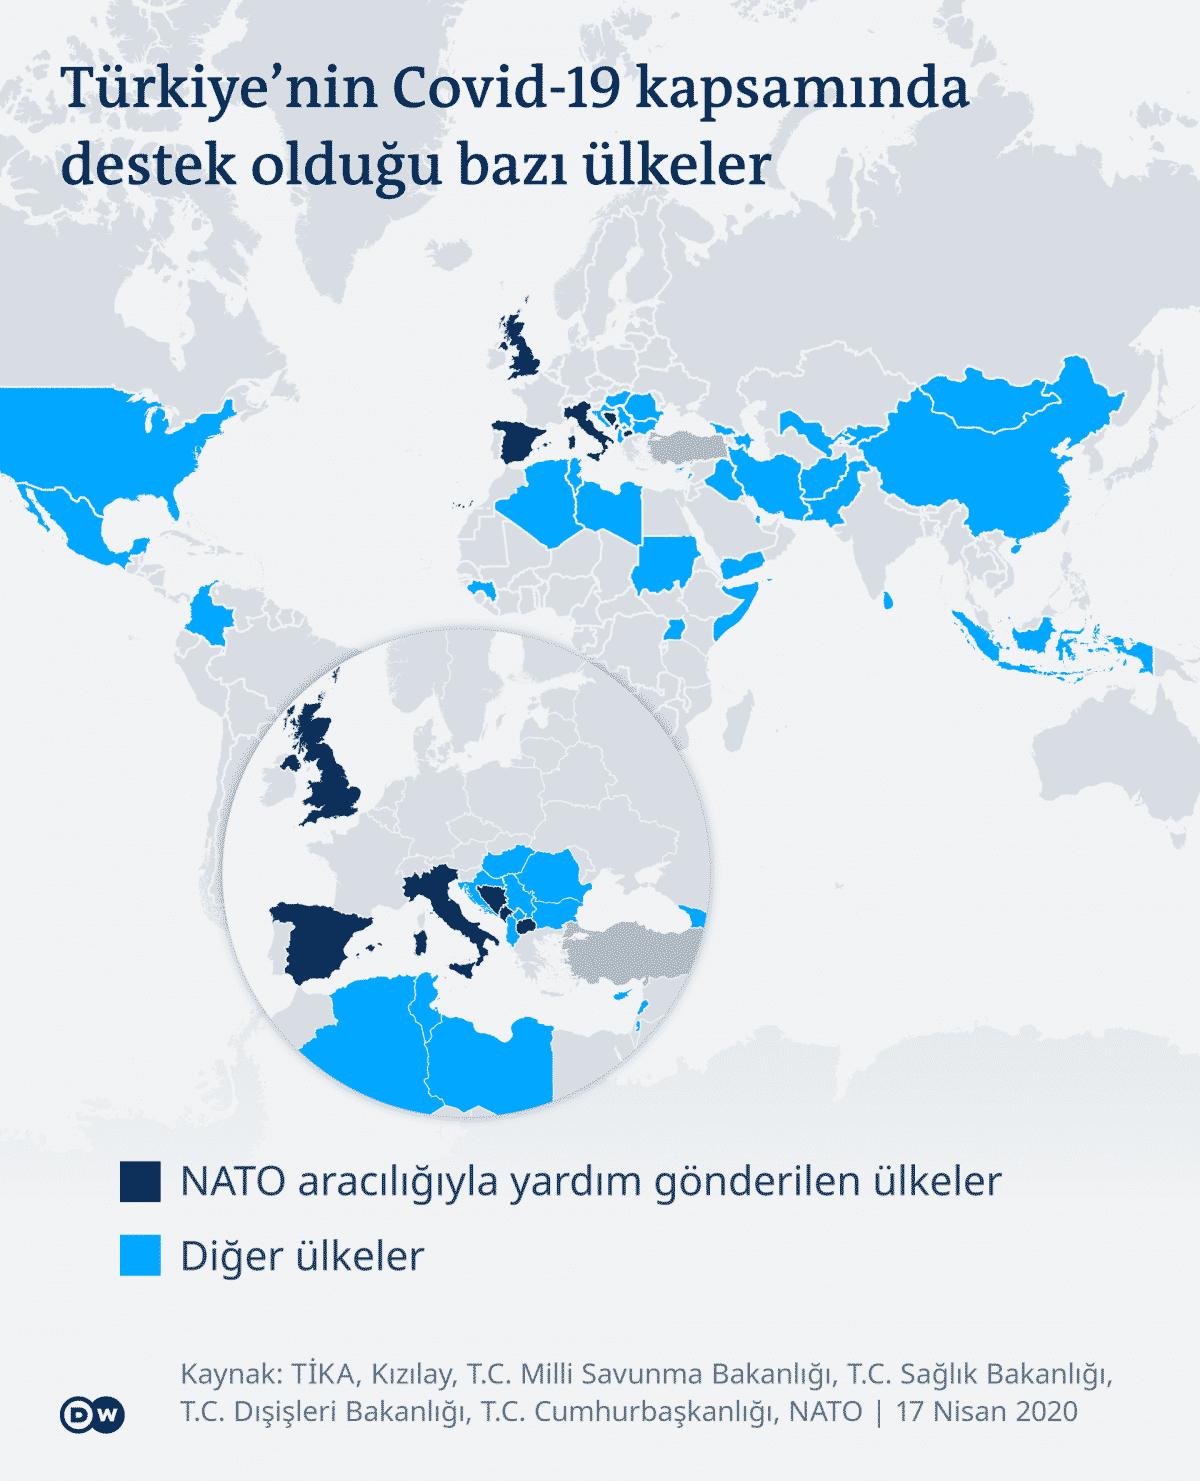 türkiye tıbbi malzeme yardımı ülkeler